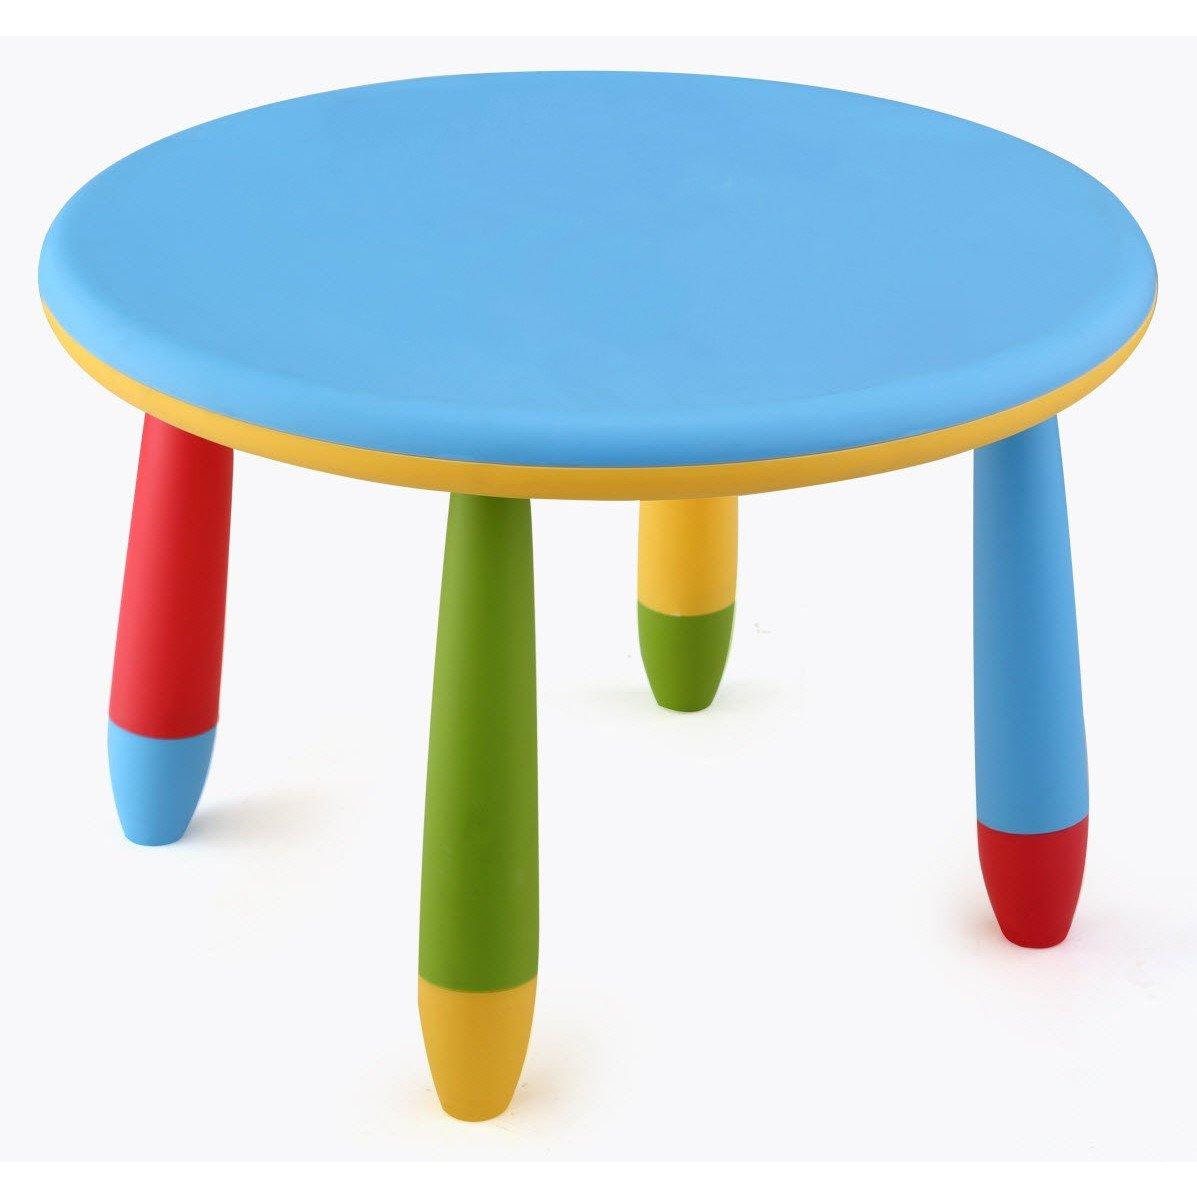 100 dibujos de mesas y sillas muebles fotos y for Mesas de dibujo baratas